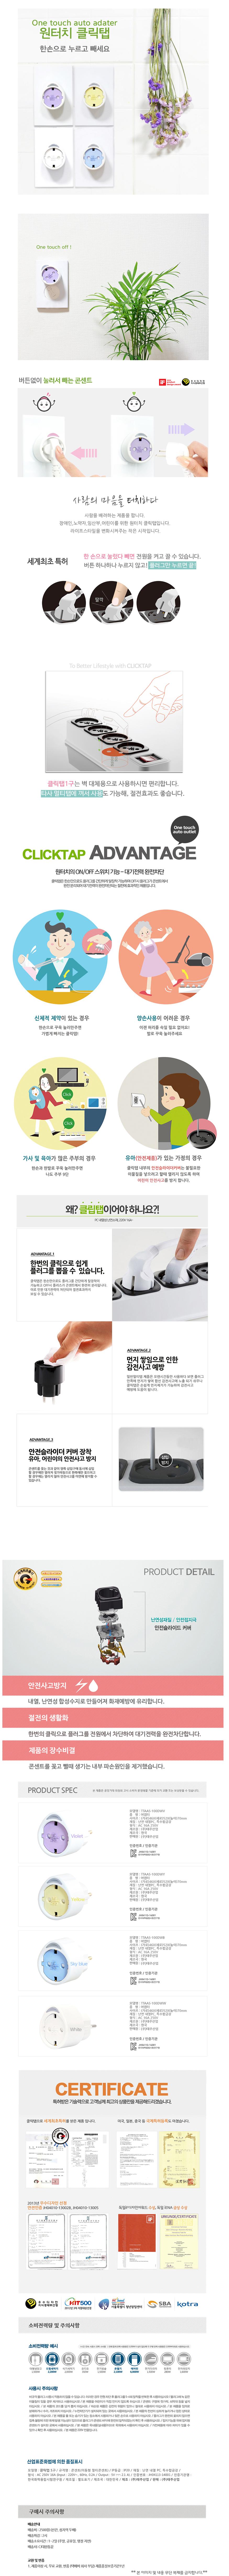 원터치 클릭탭 미니 1구 - 원터치 클릭탭, 5,000원, 생활잡화, 아이디어 상품